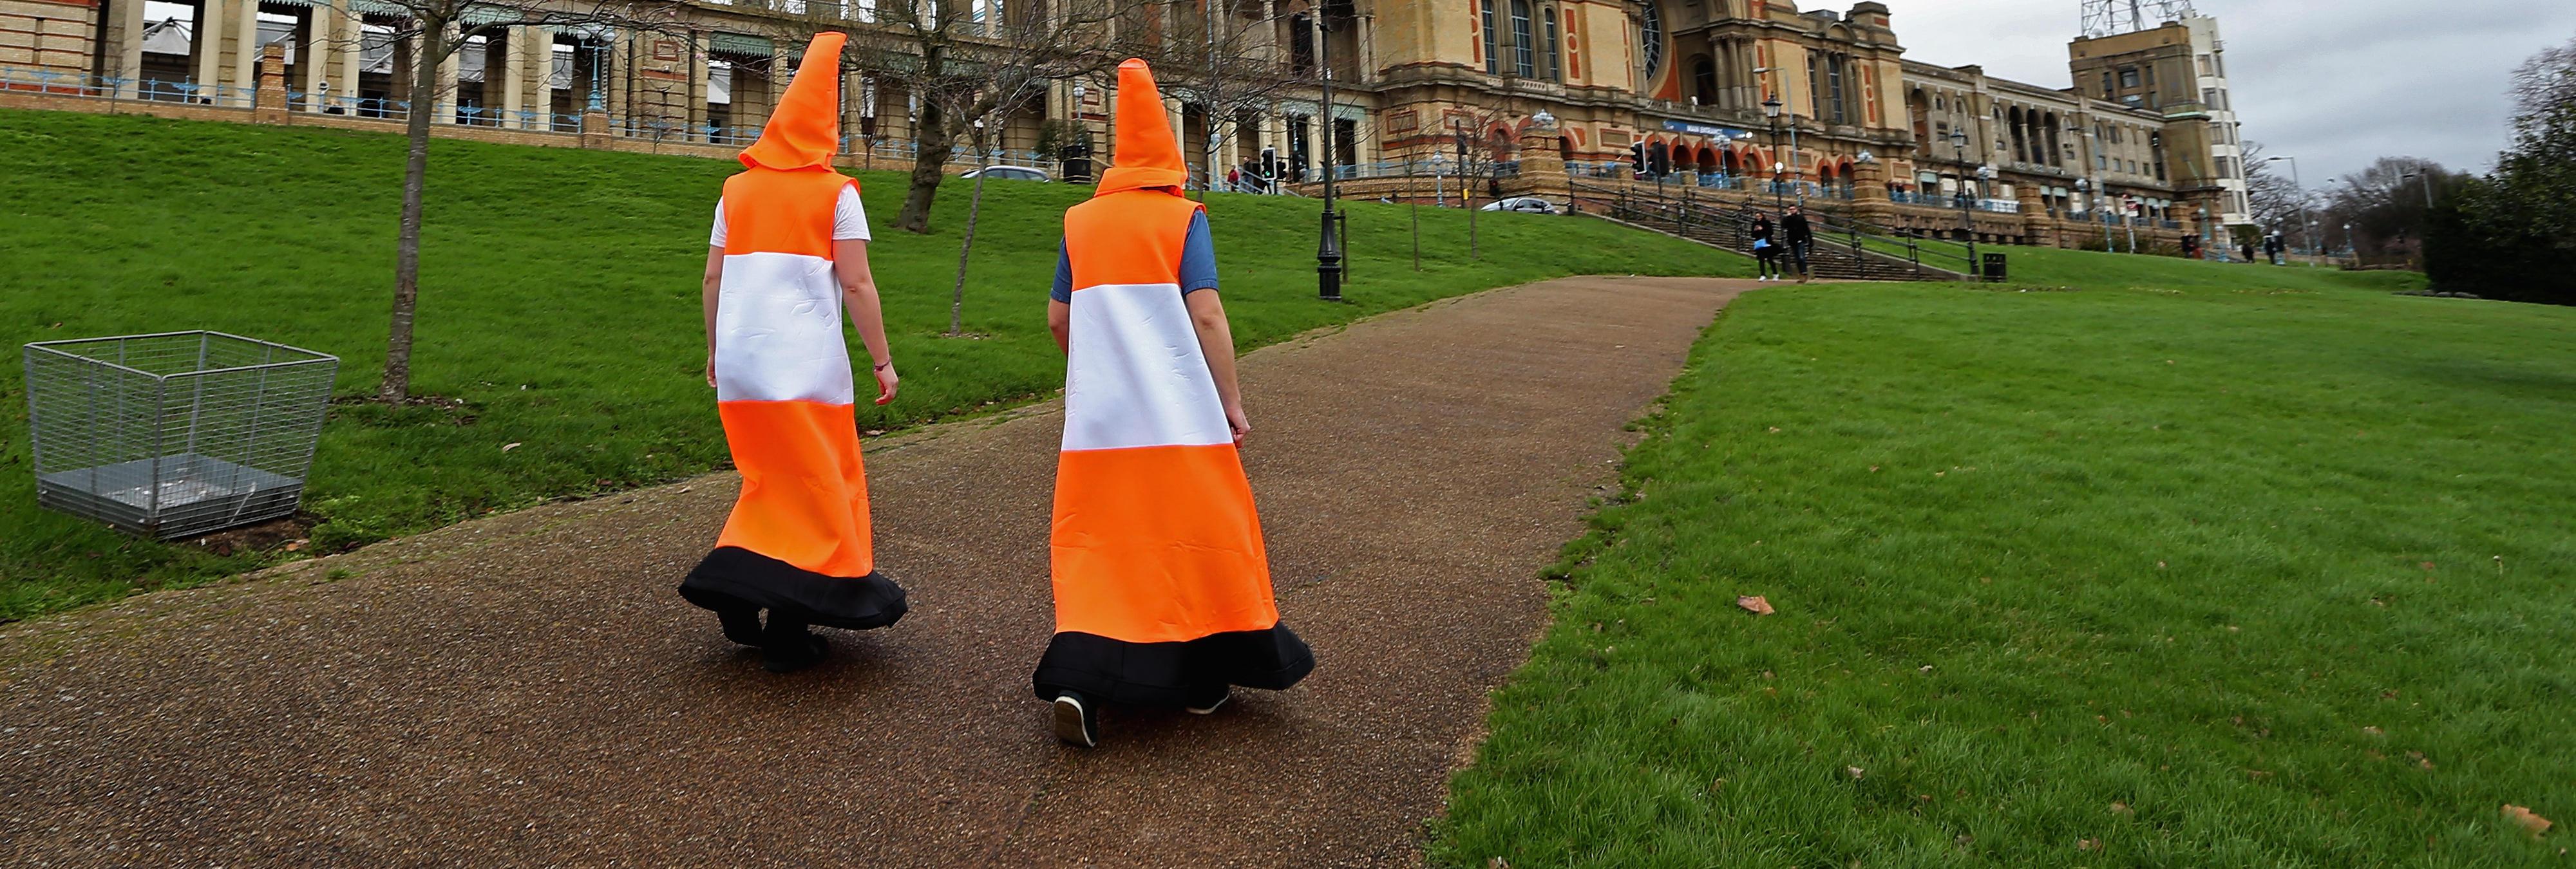 Un grupo disfrazado de conos detiene el tráfico de Londres